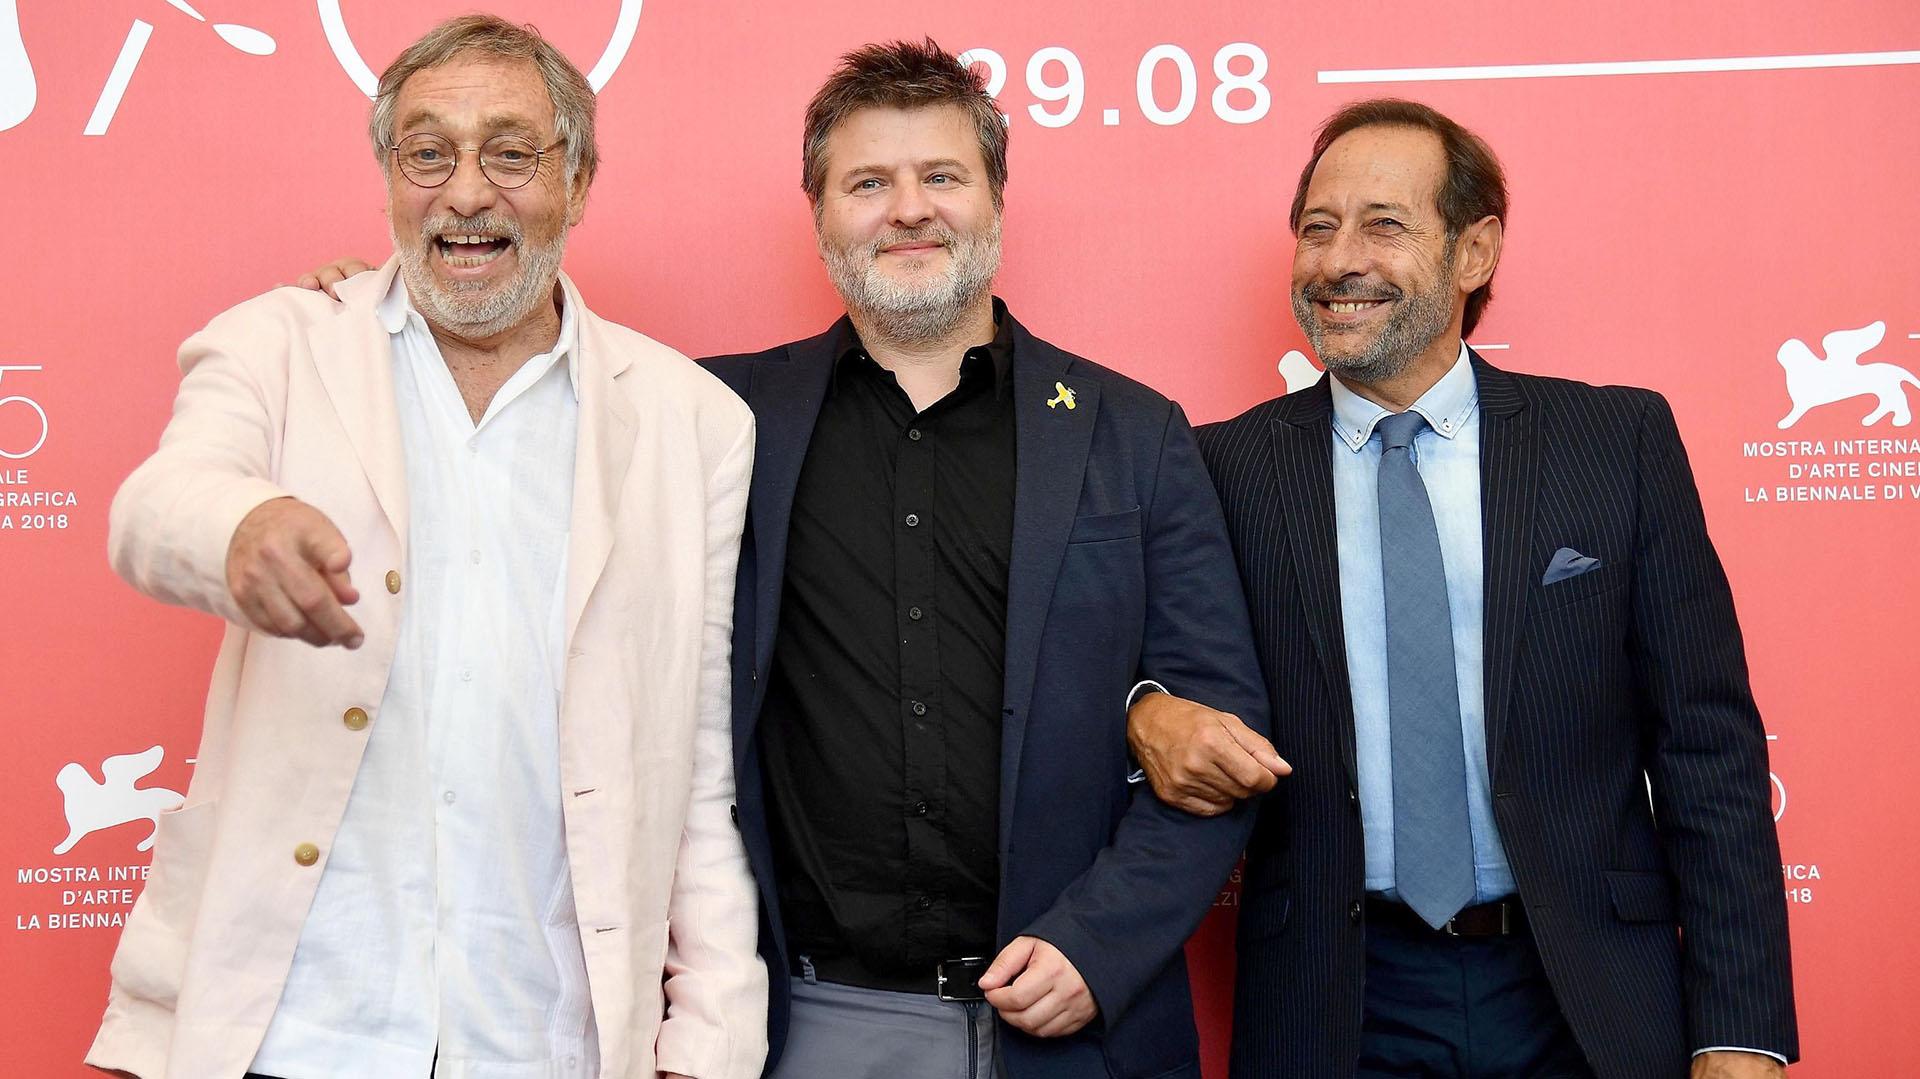 """El director Gastón Duprat y los actores Guillermo Francella y Luis Brandoni presentaron con éxito la película """"Mi obra maestra"""" durante el 75º Festival de Cine de Venecia (EFE/Ettore Ferrari)"""